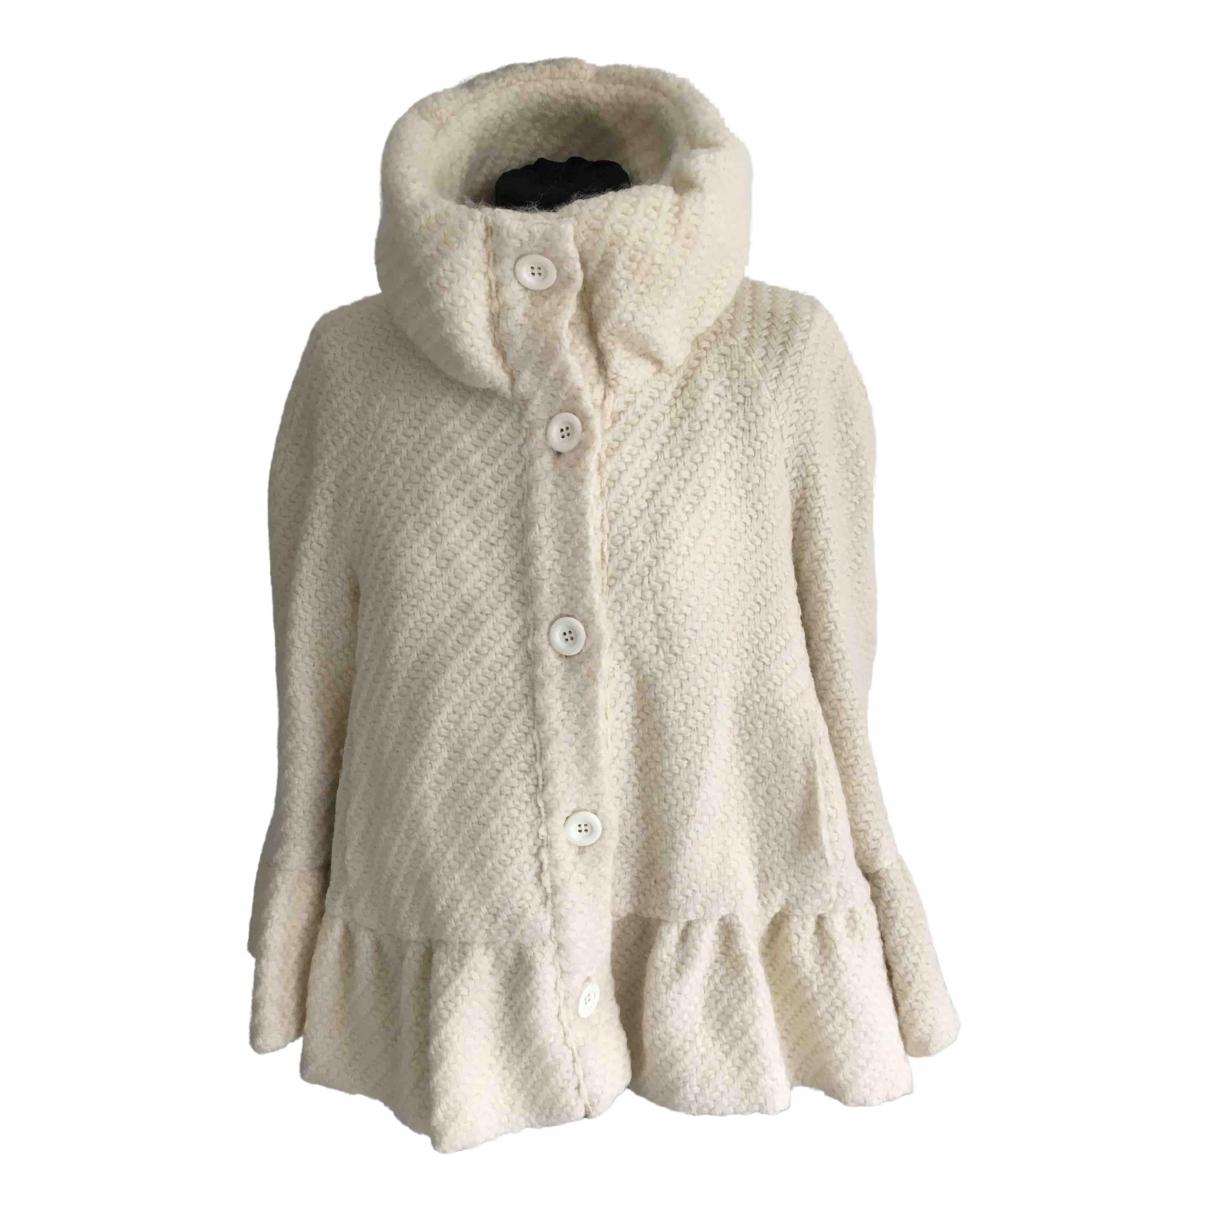 Moschino Love \N Jacke in  Ecru Wolle